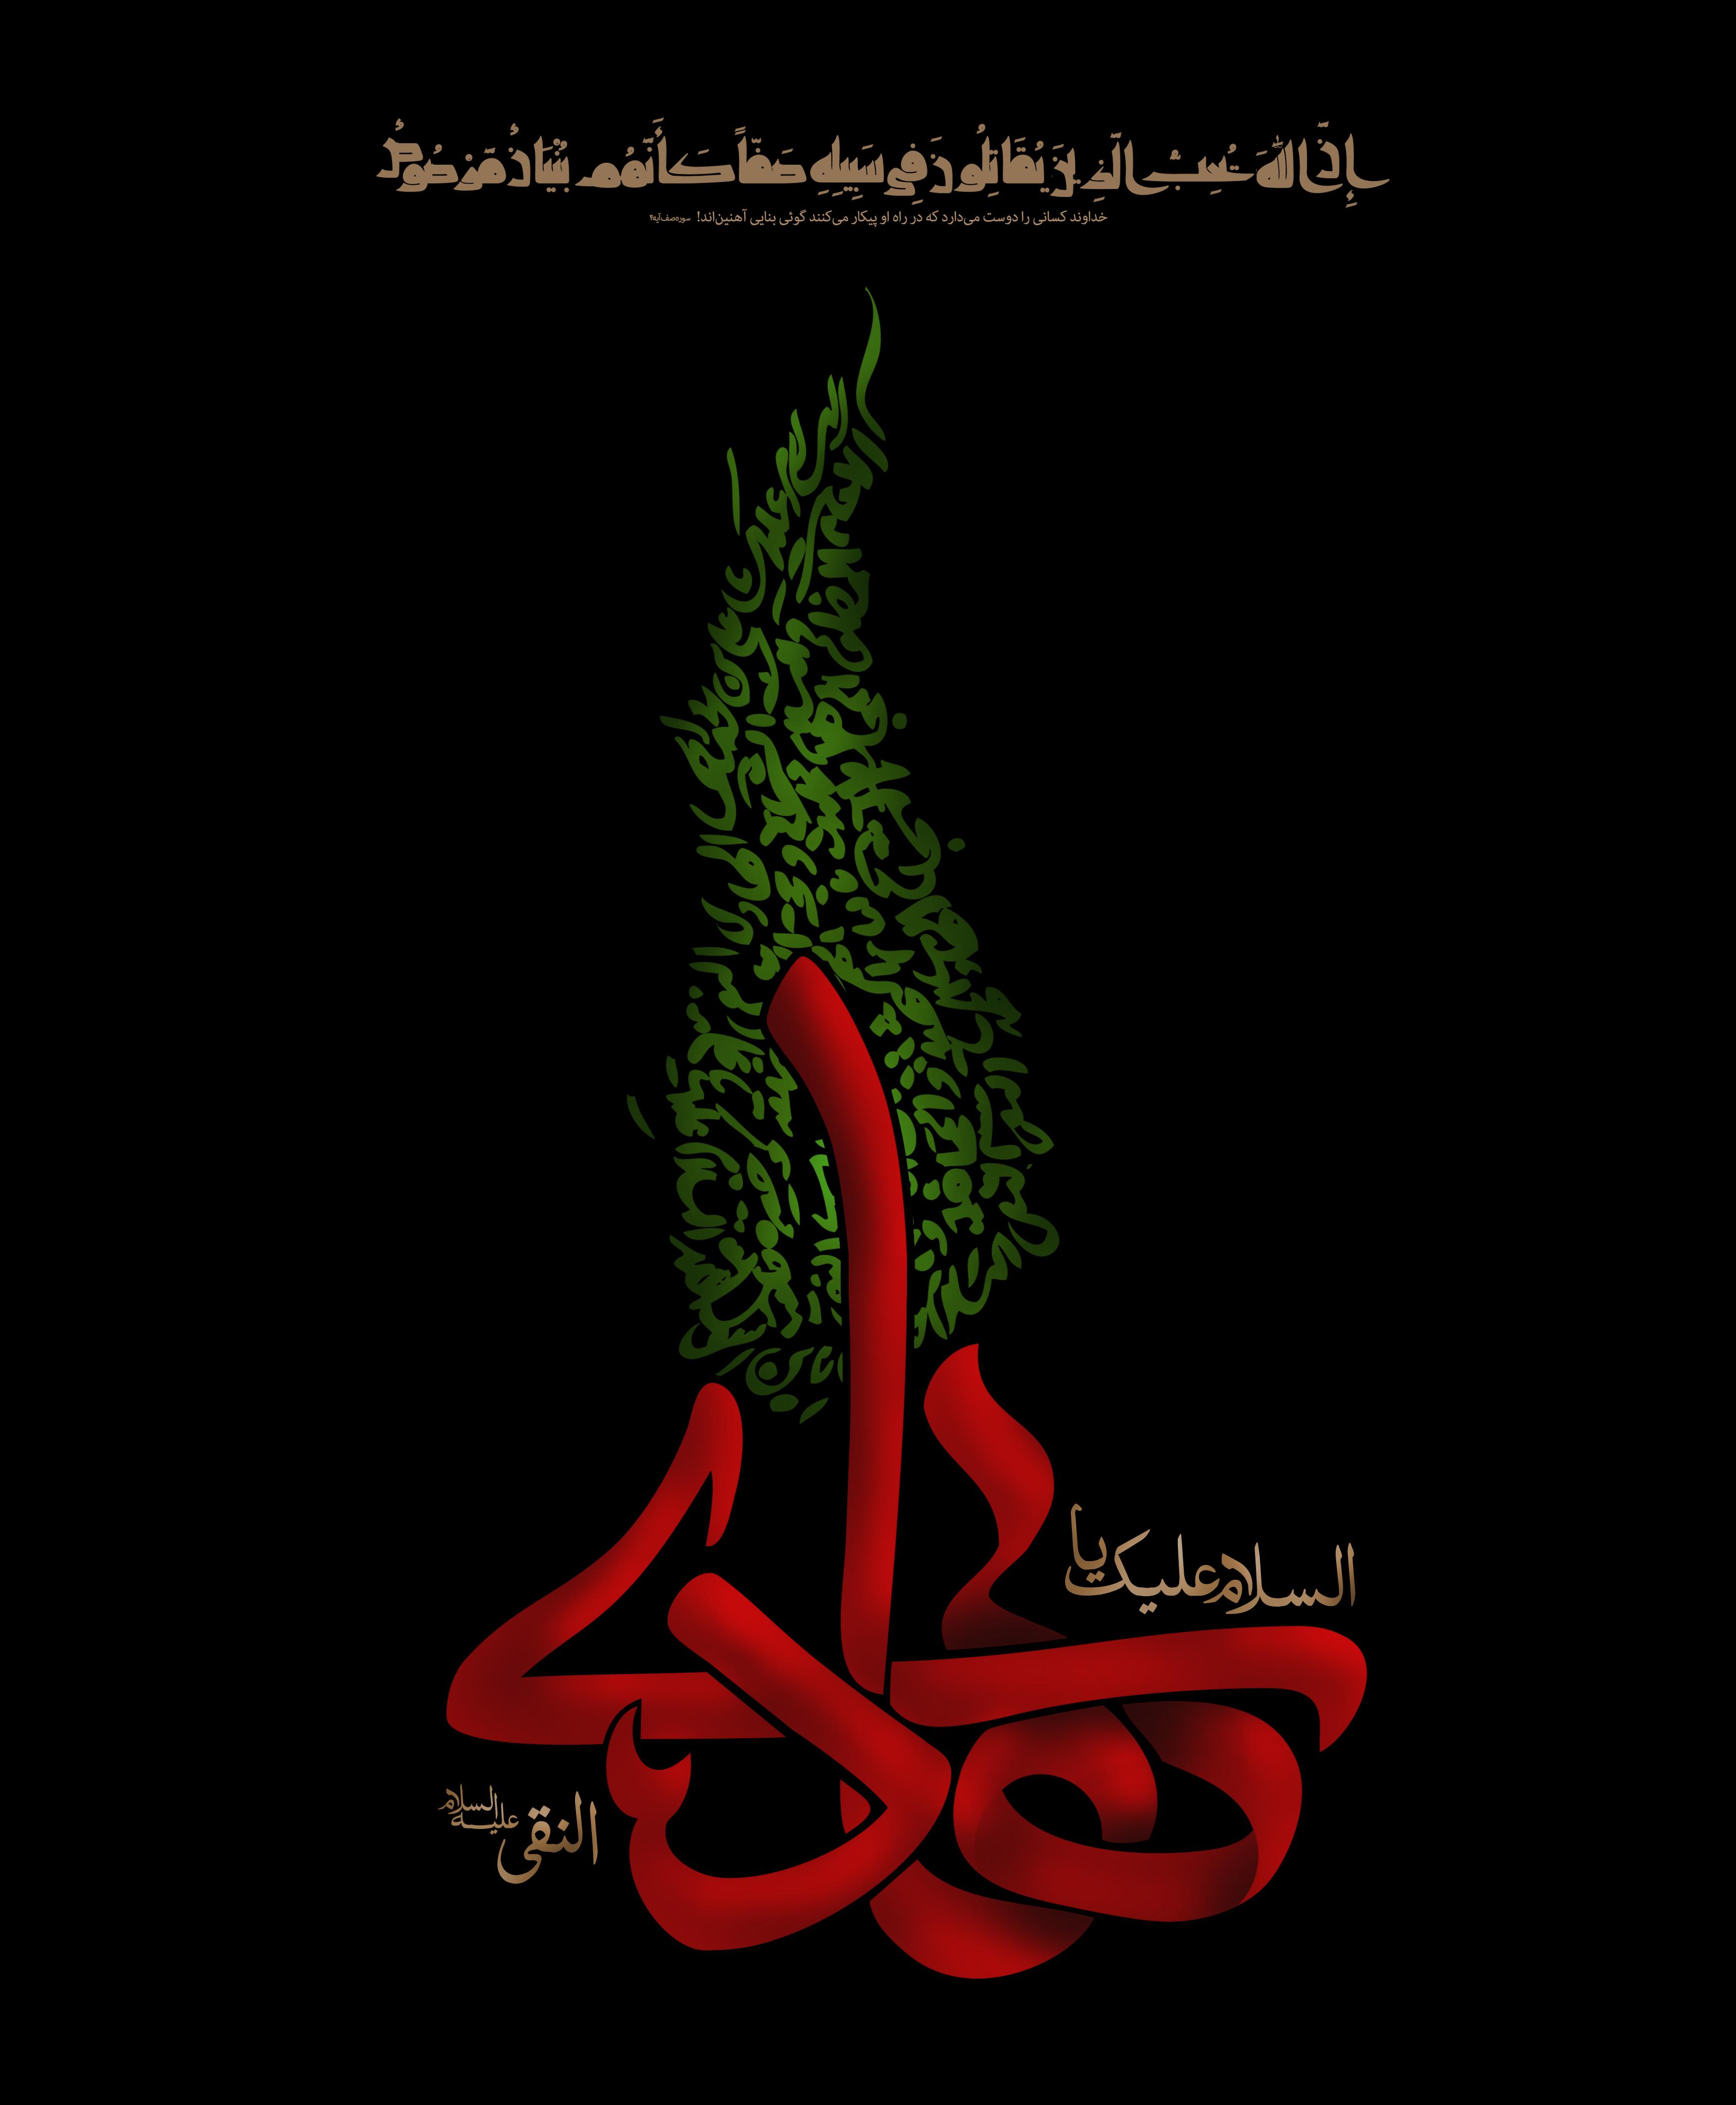 زندگی نامه مختصر حضرت امام علی النقی الهادی (ع)